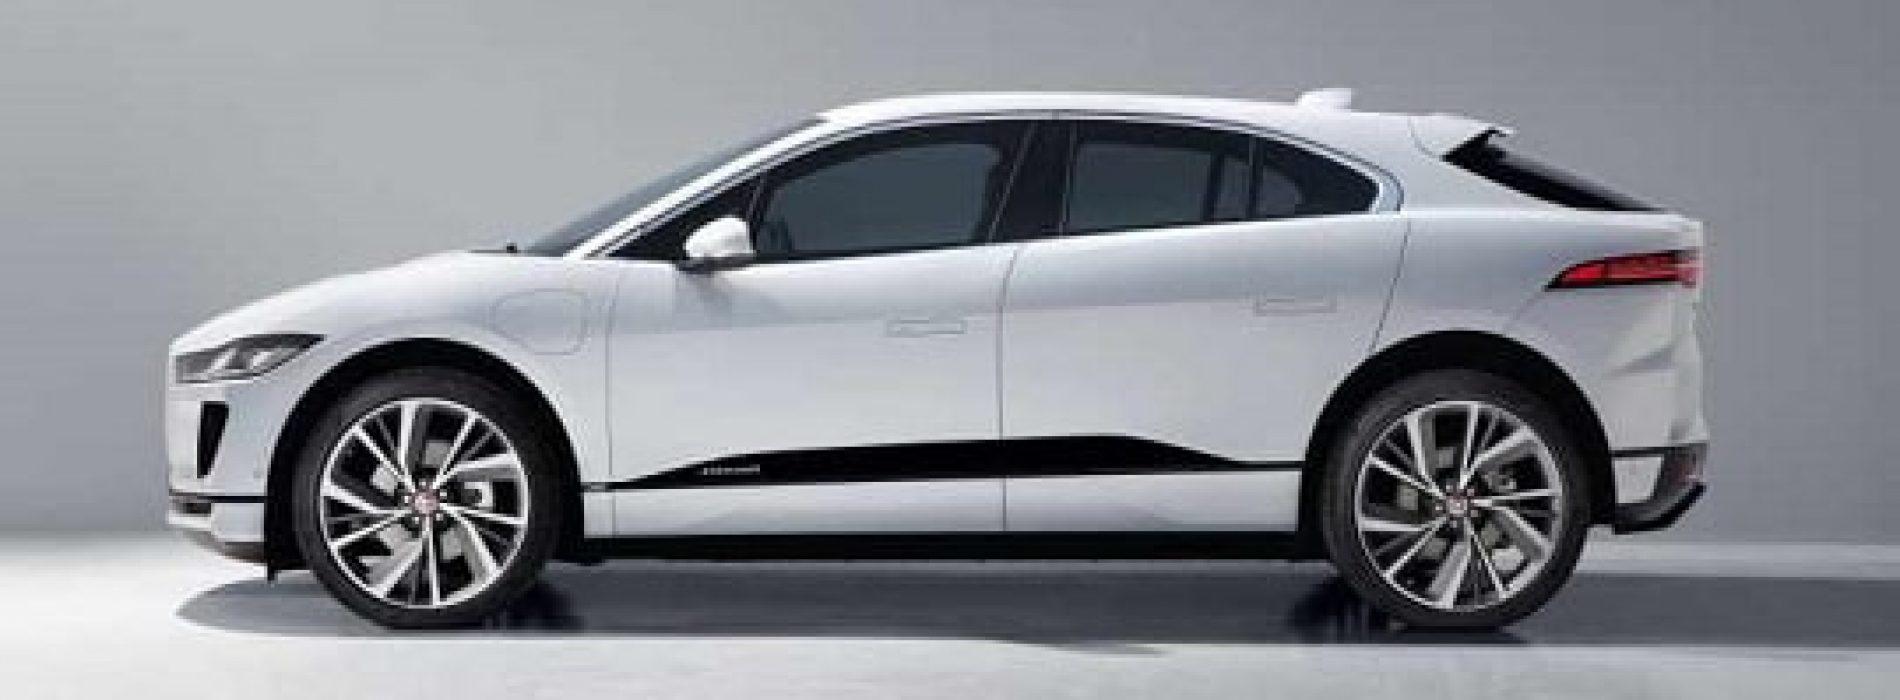 Jaguar I-PACE – Test og testkommentarer (2020)